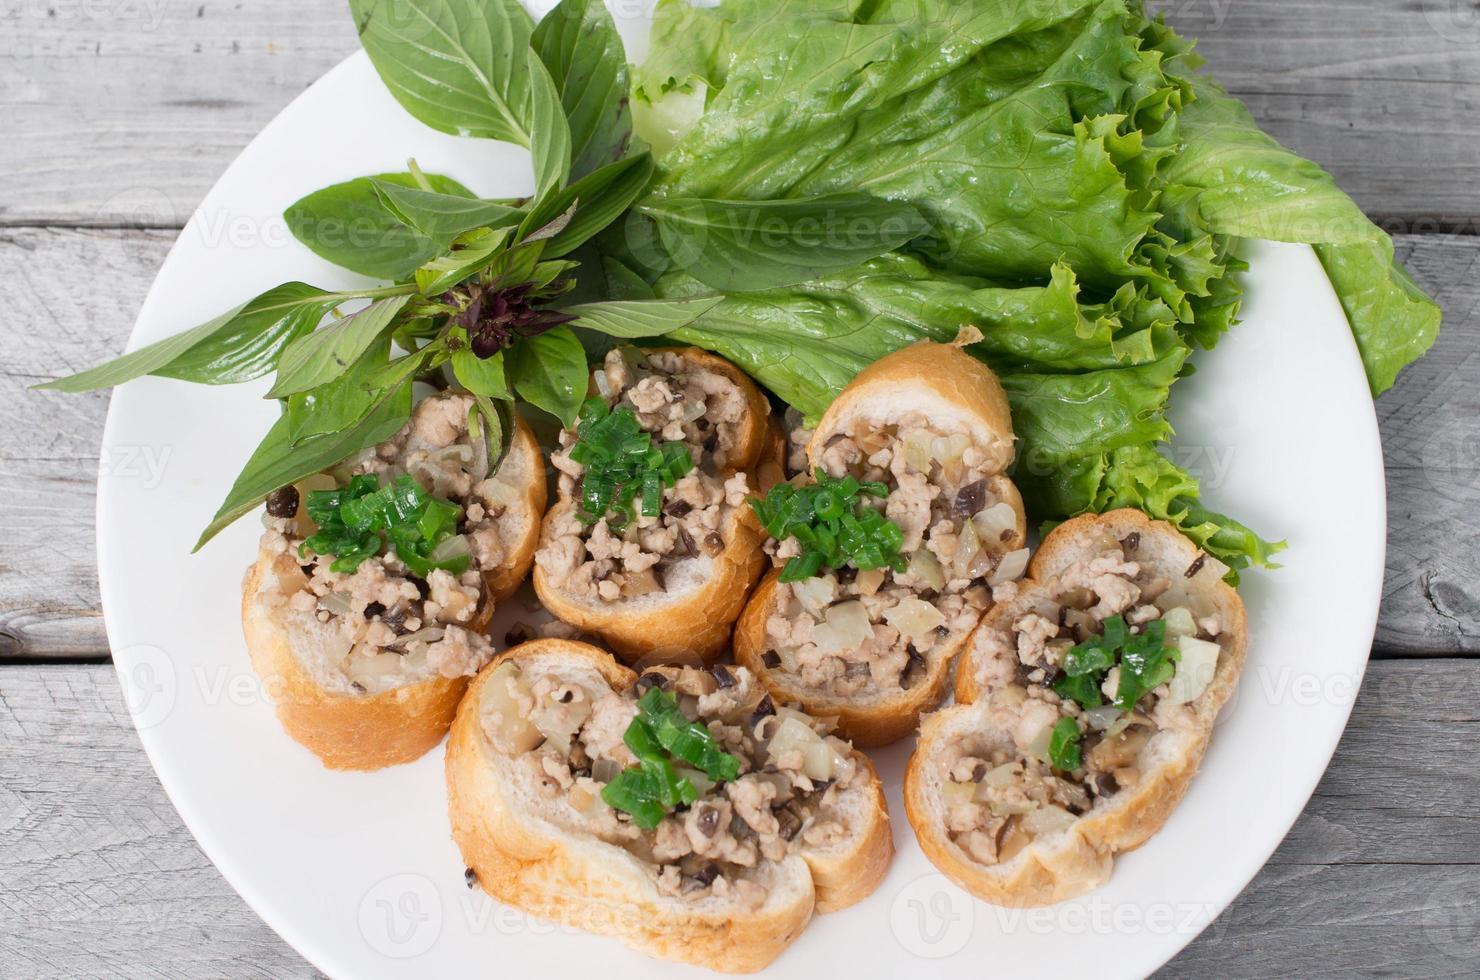 vietnamesisches gedämpftes Brot mit Schweinefleisch foto